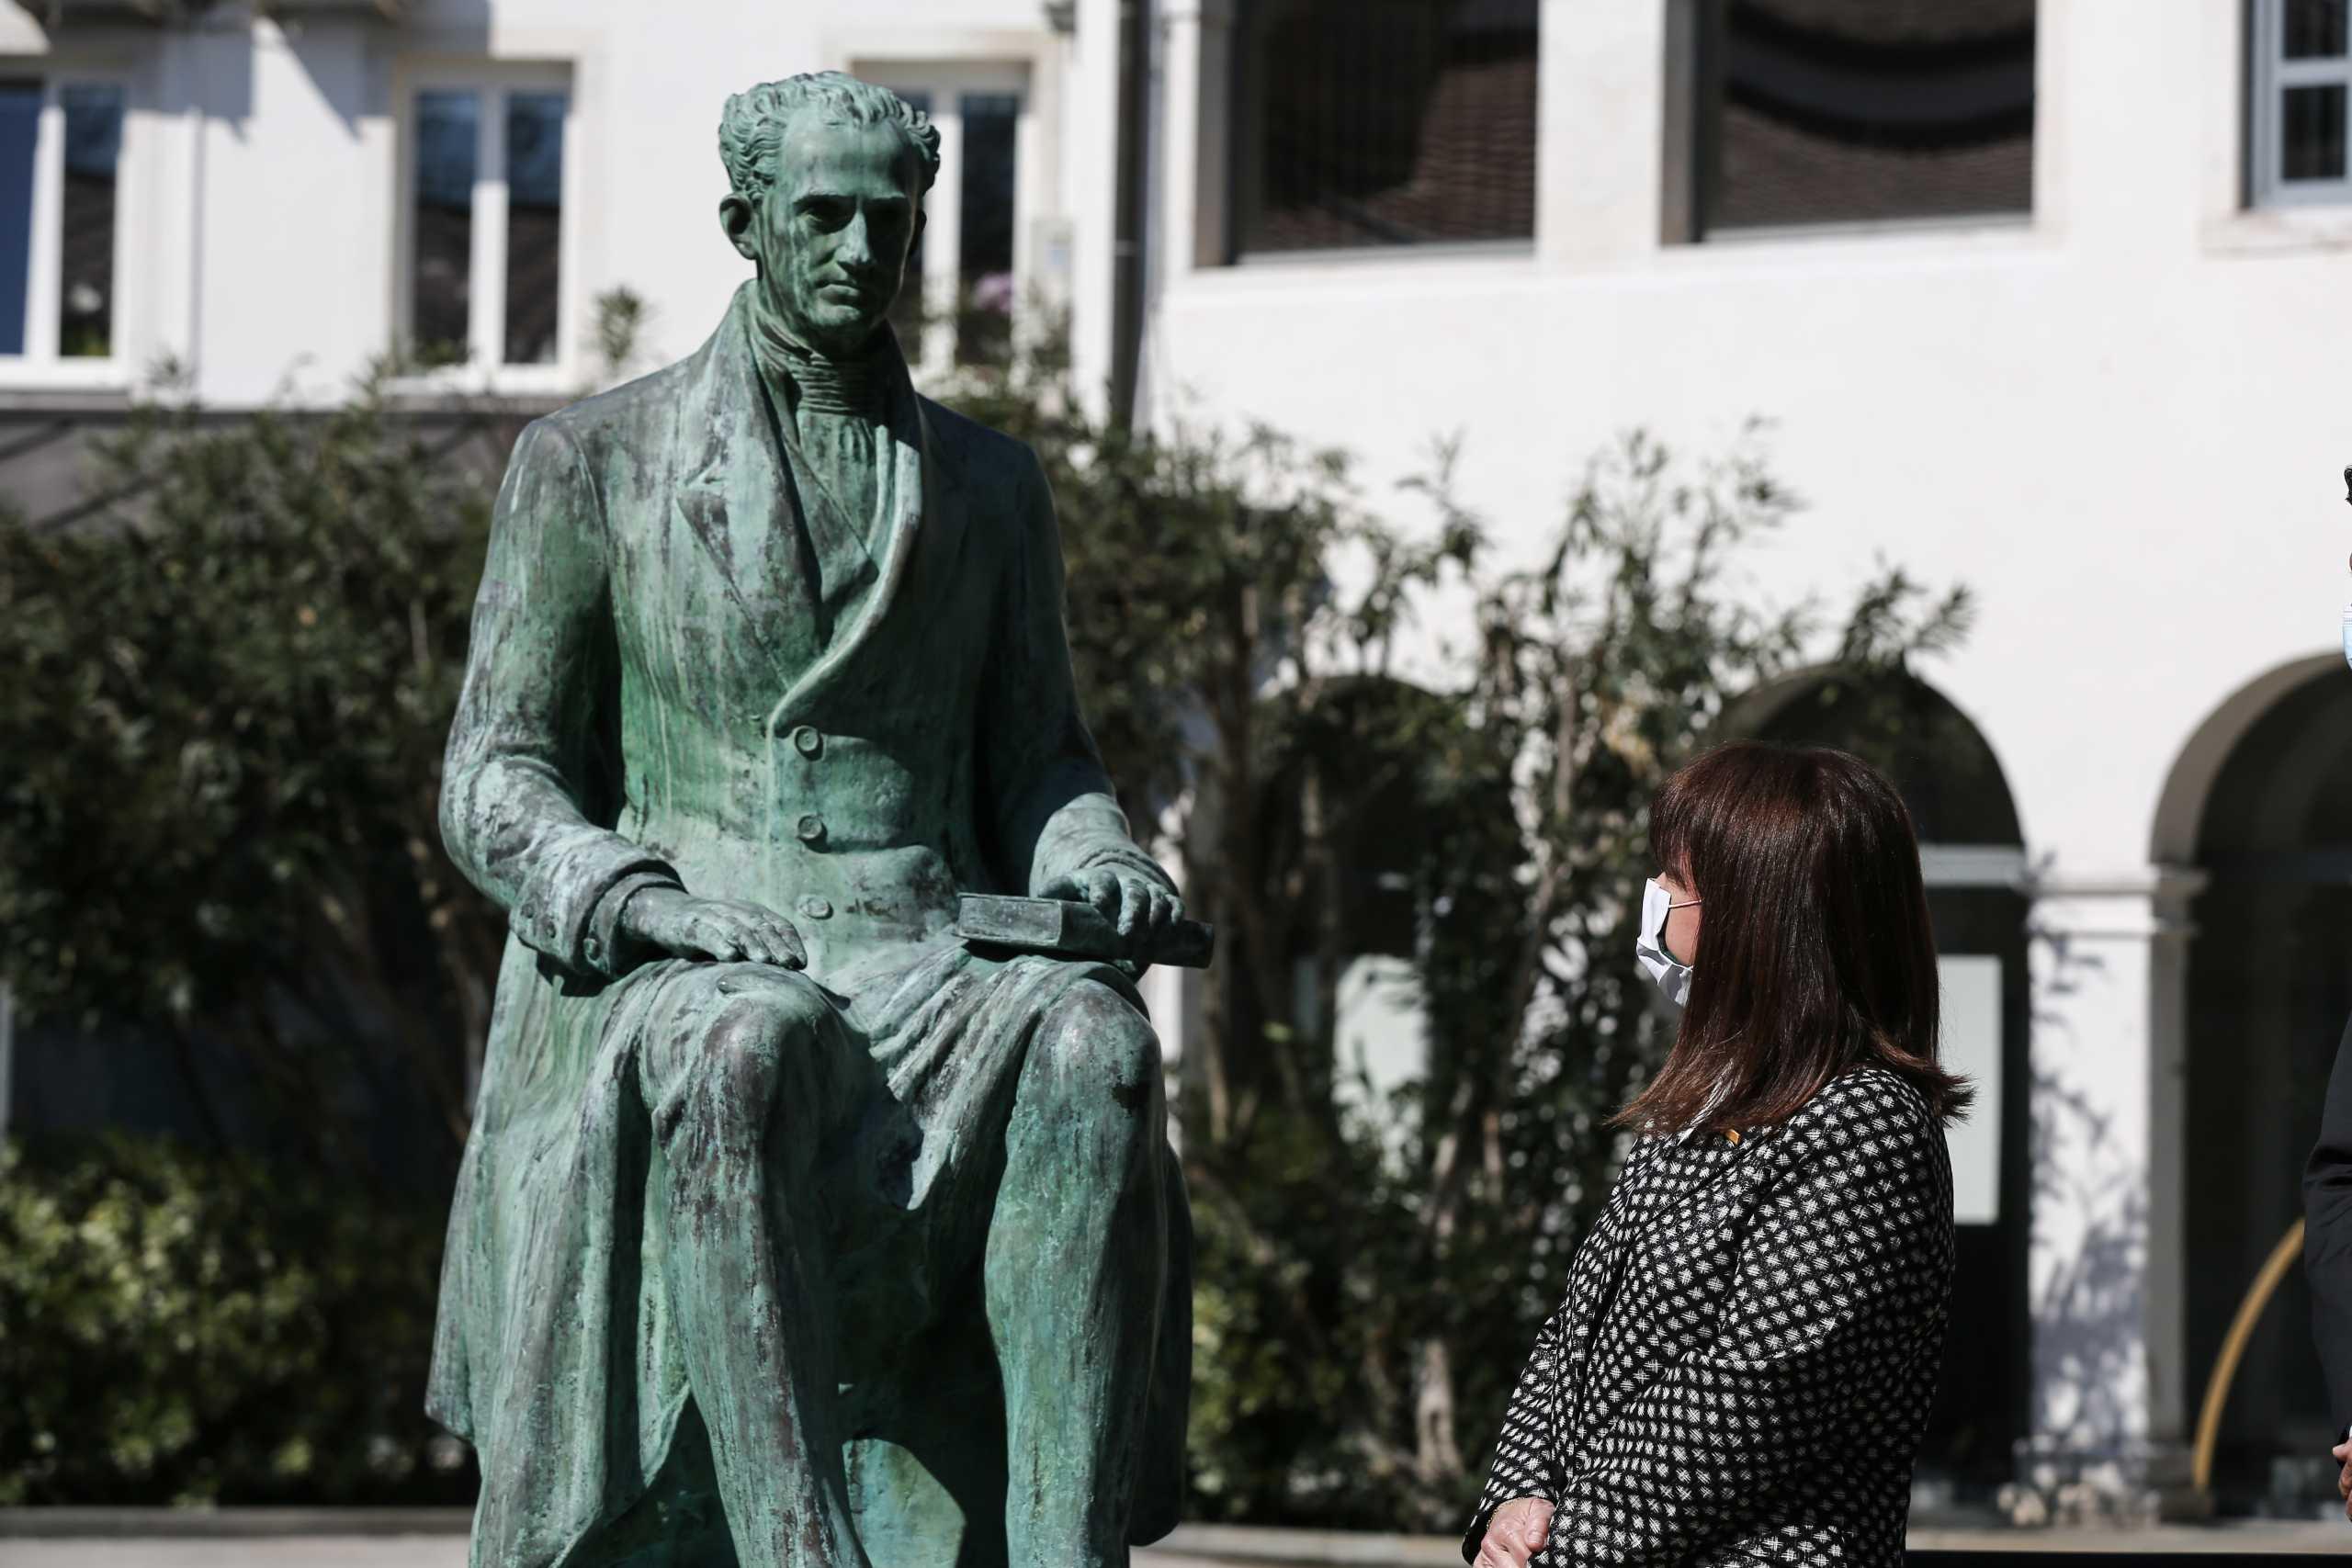 Σακελλαροπούλου: Επίσκεψη στην πόλη Κόπερ που κατάγεται η οικογένεια Καποδίστρια